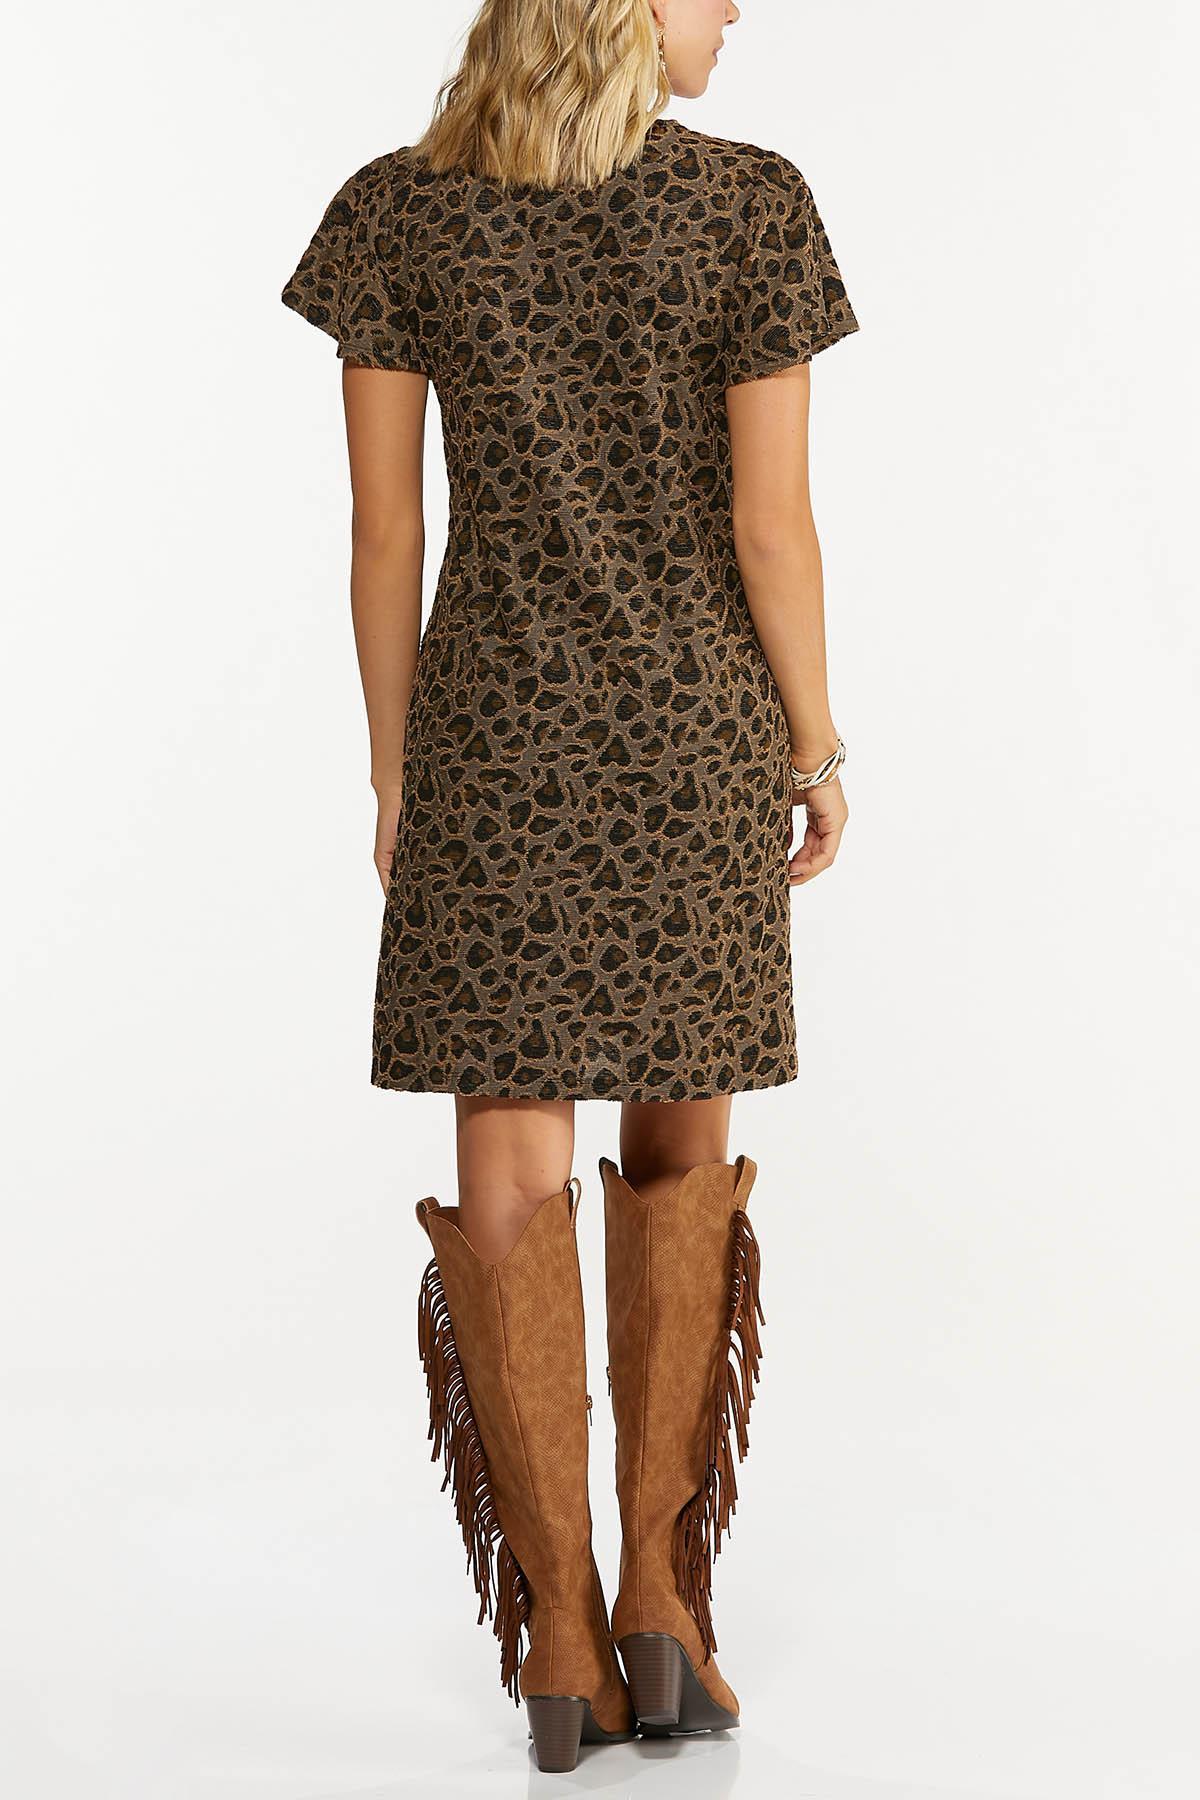 Leopard Flutter Sleeve Dress (Item #44678699)